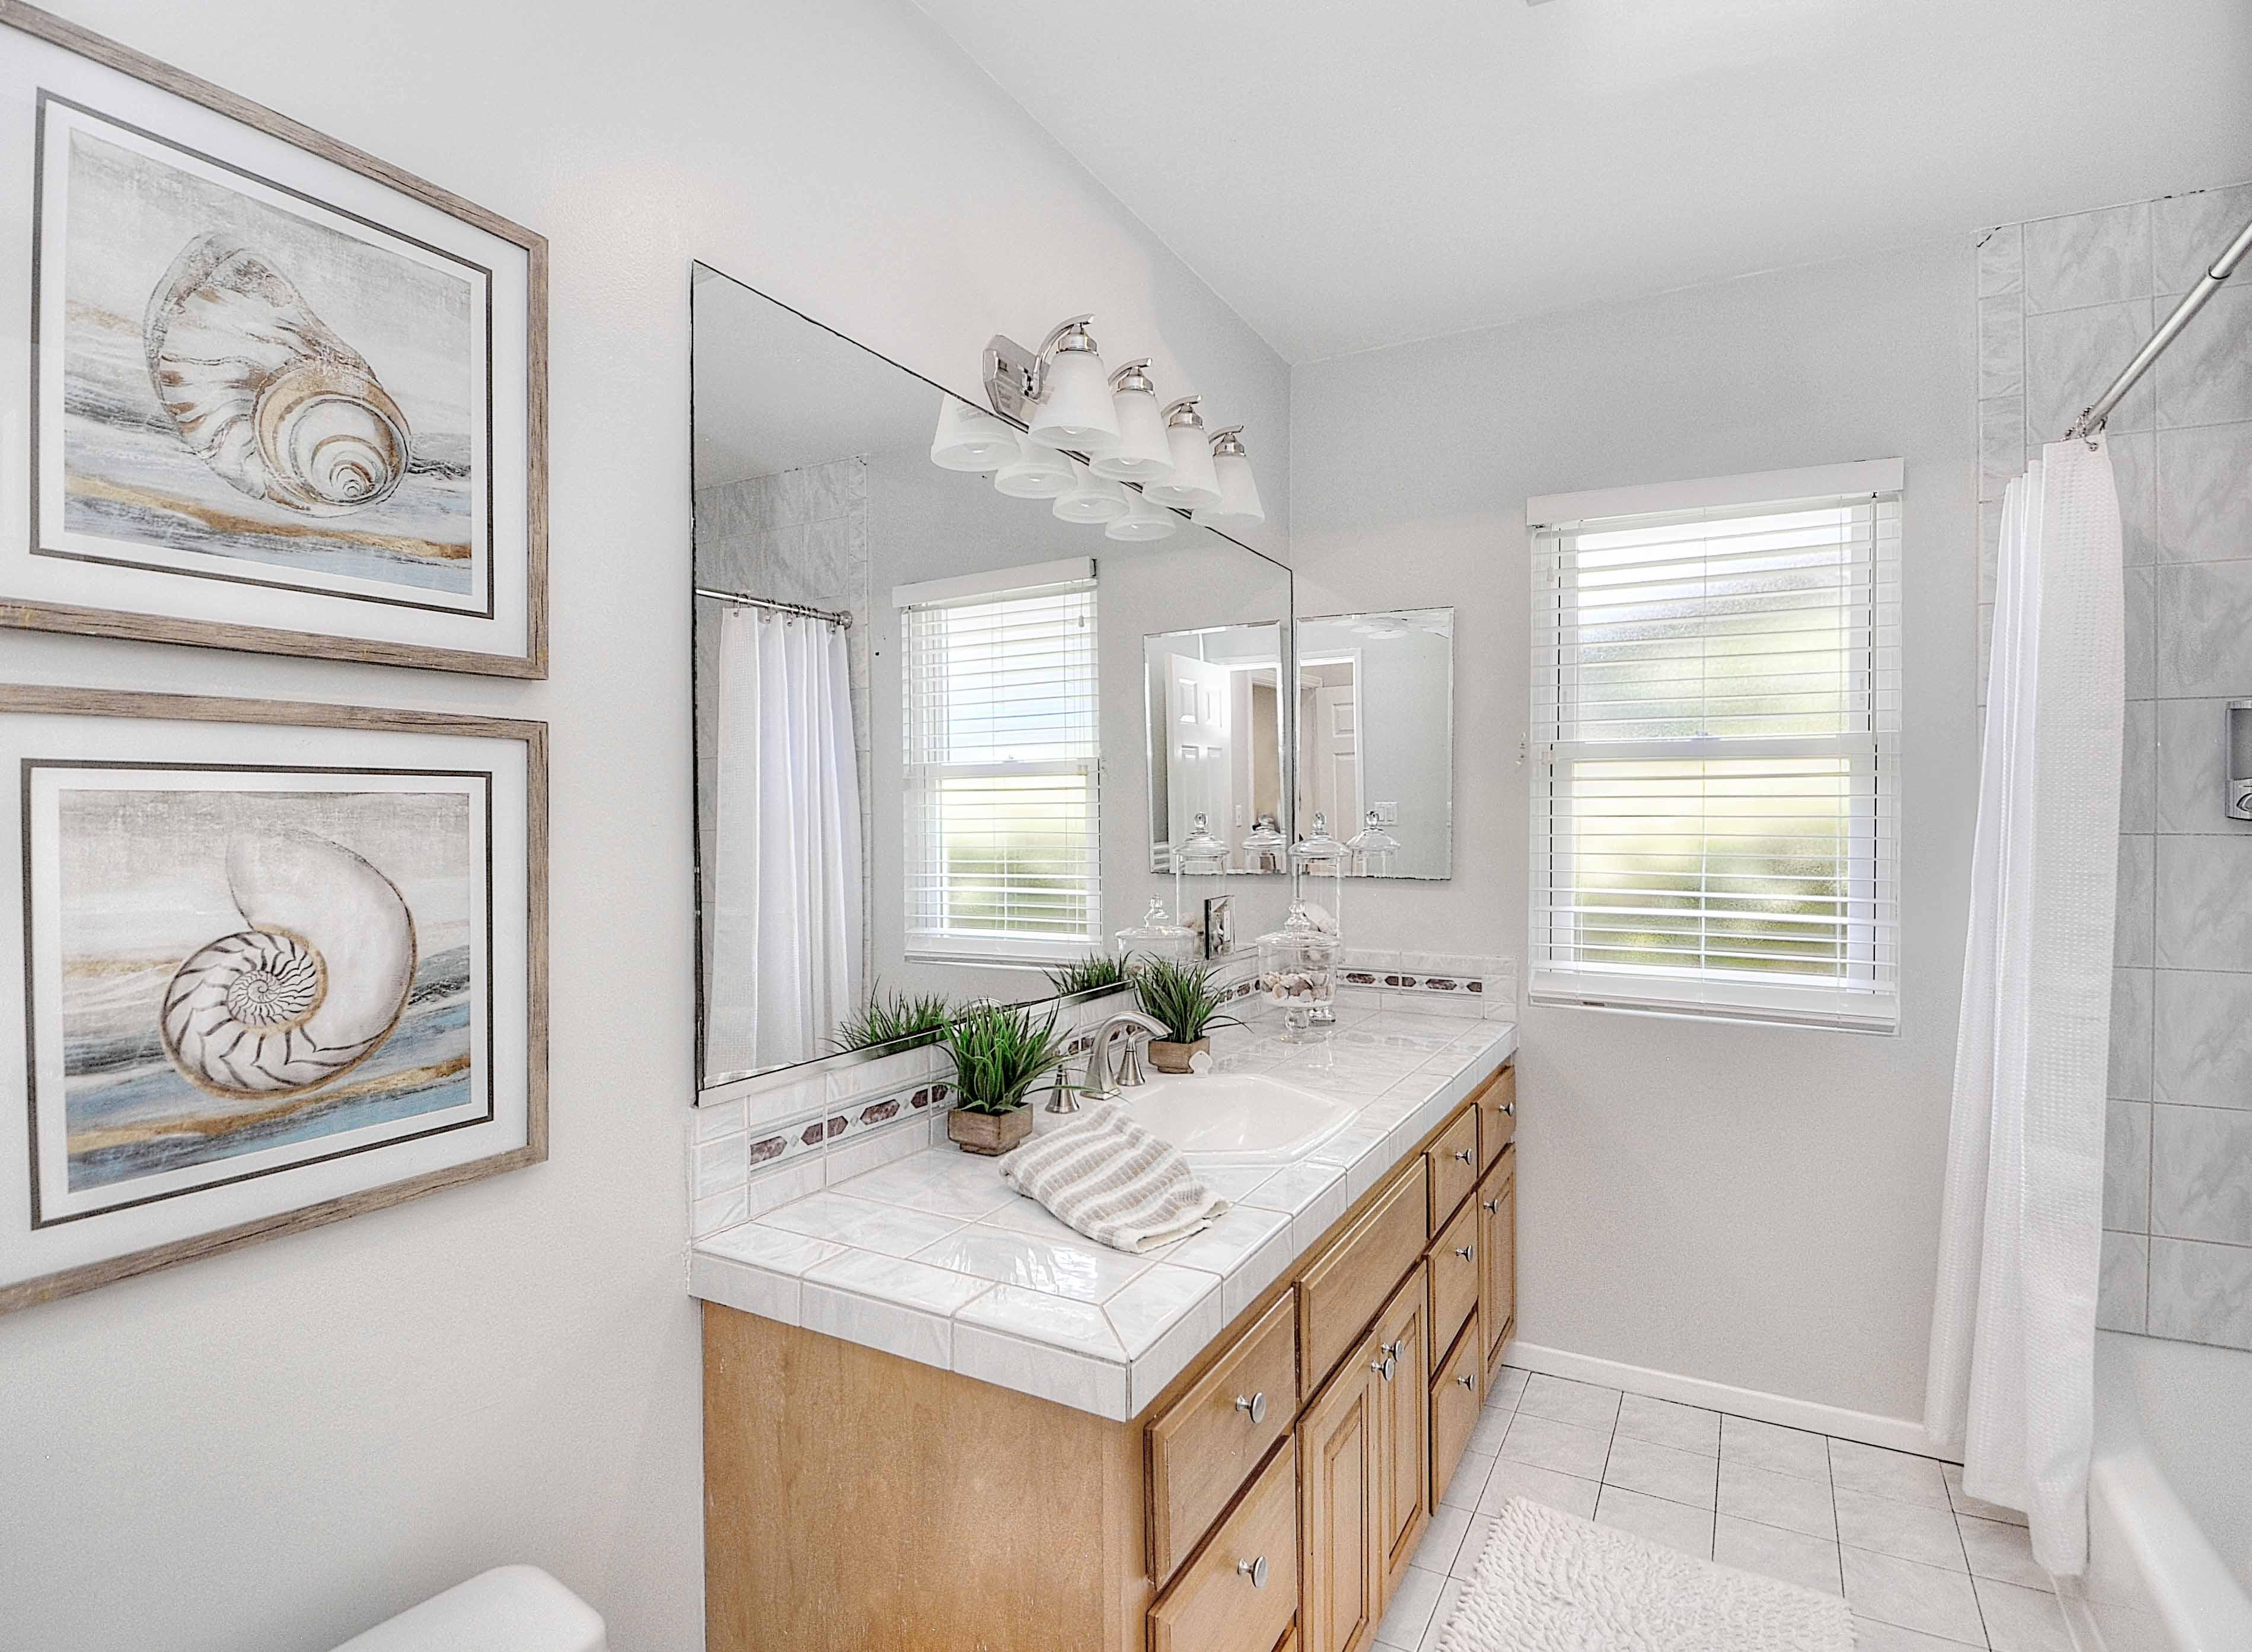 4515-Vista-Largo-master-bathroom1-Copy